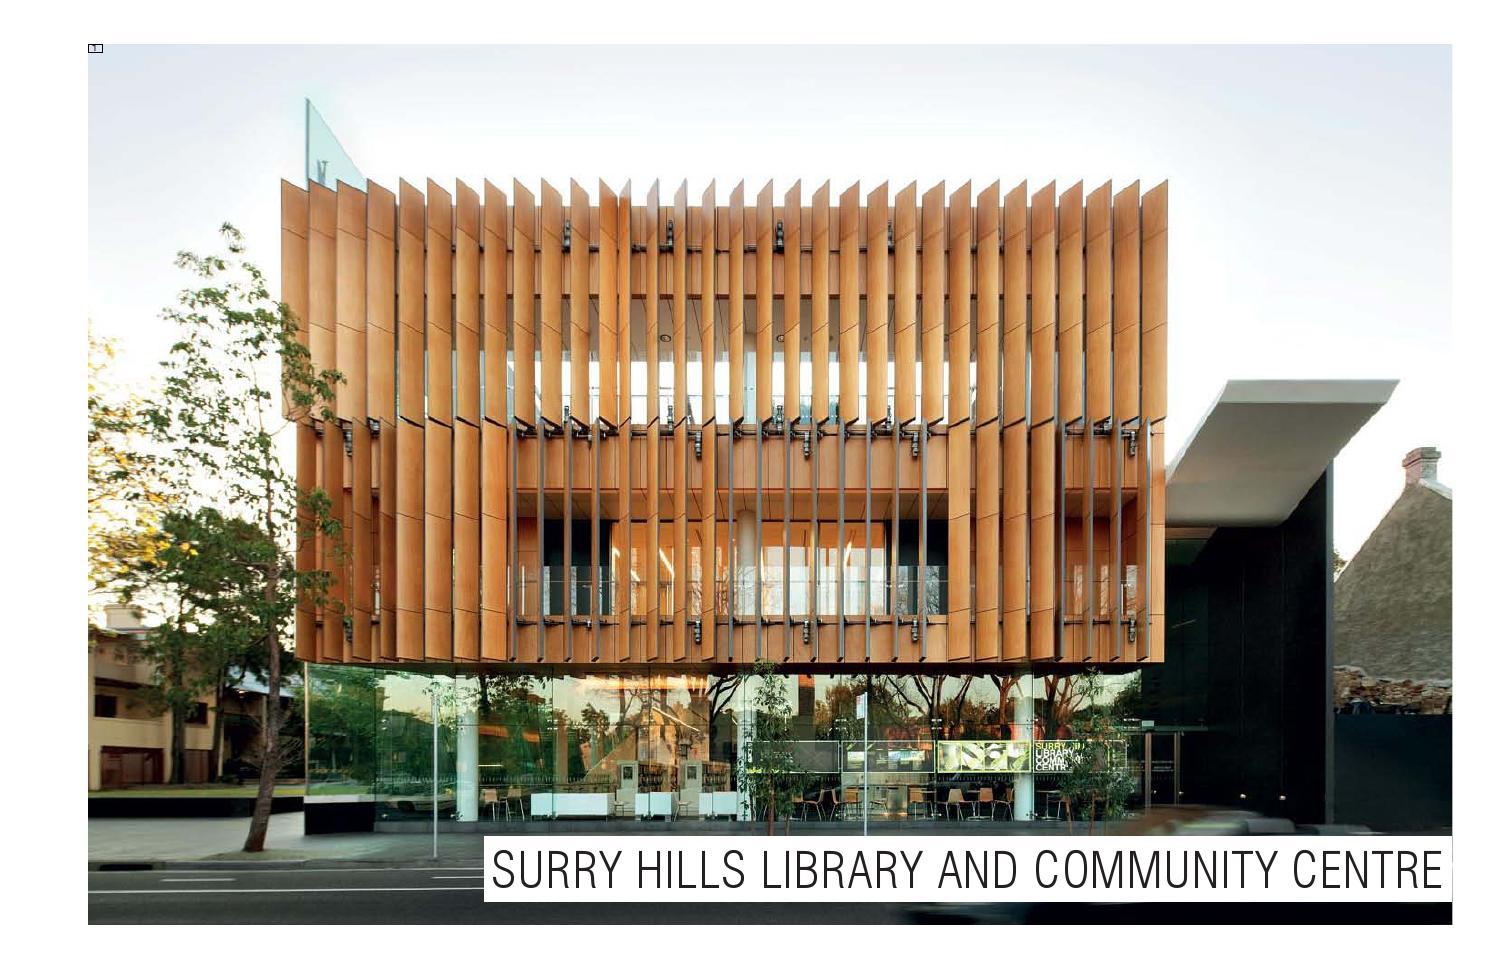 Library buildings bibliometric analysis